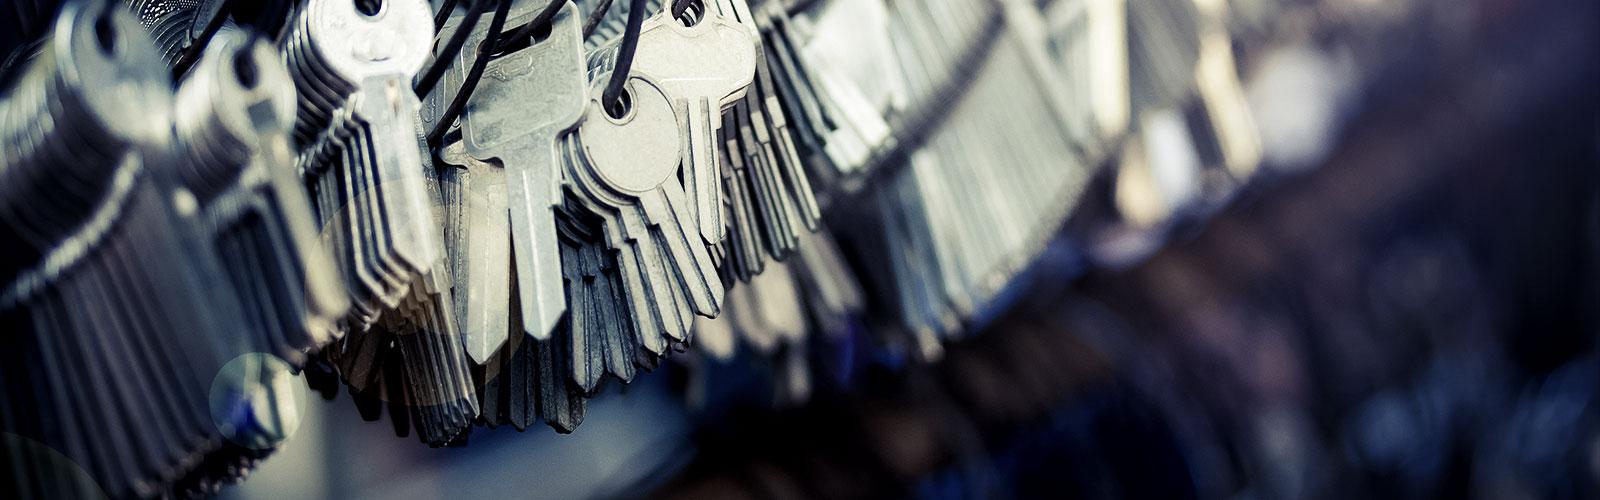 Bartlett: Locksmith, Lock Rekey and Commercial Locks